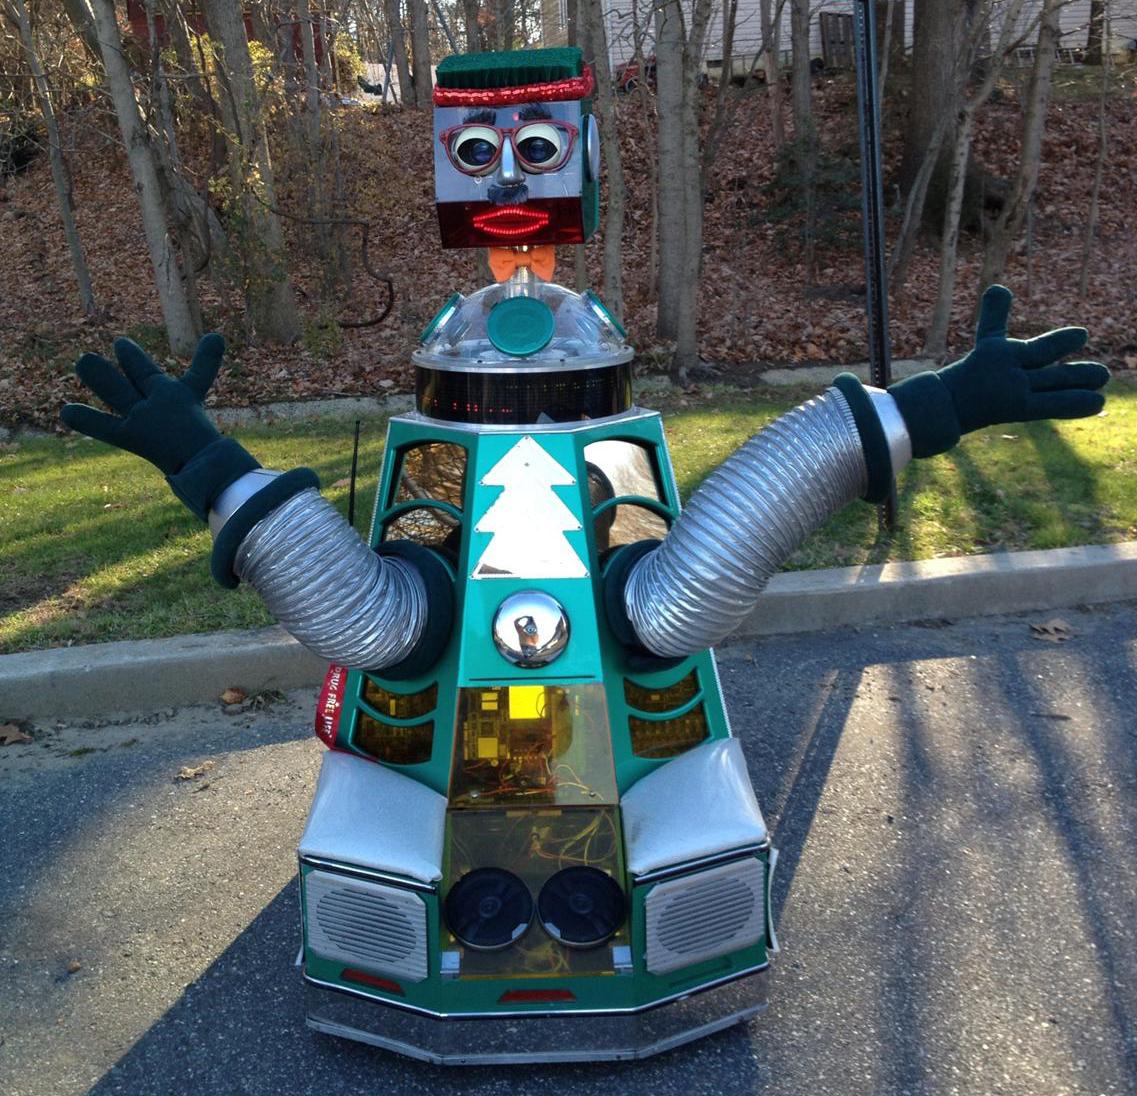 Gizmo the Robot